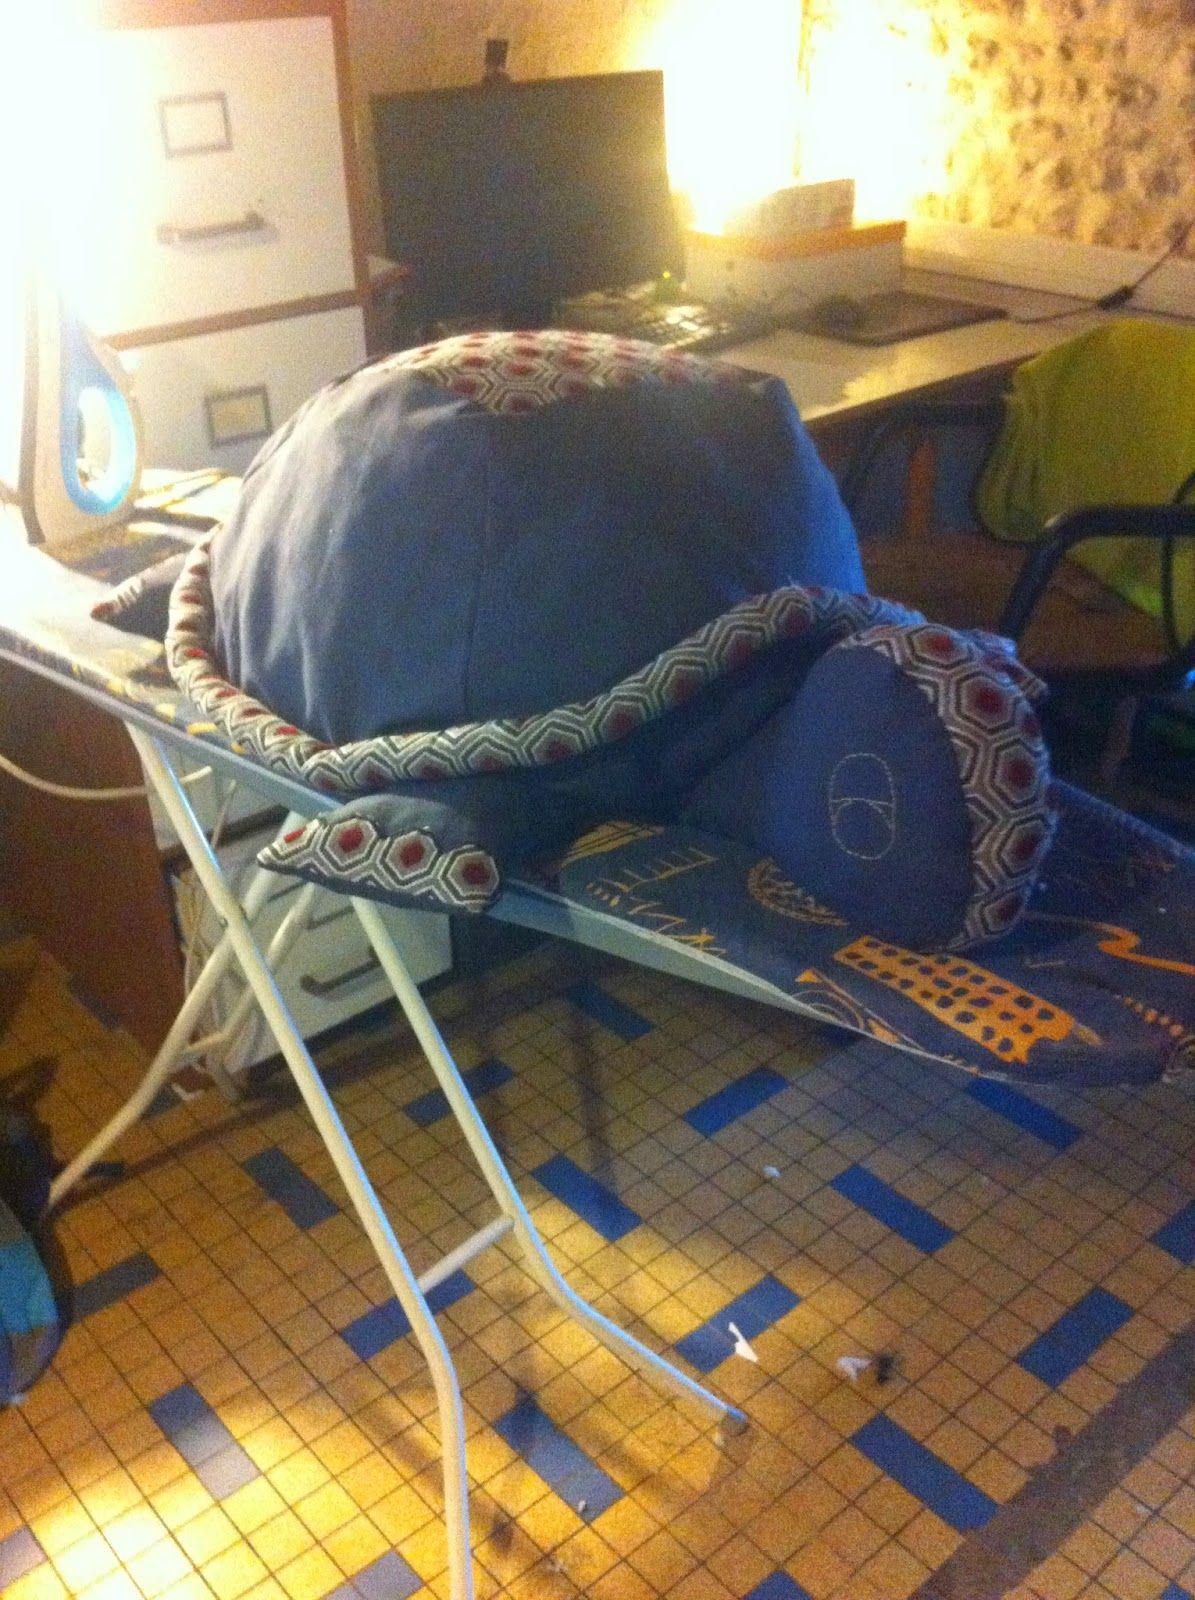 Couture et création: Un peu de couture ... Une tortue géante !!!